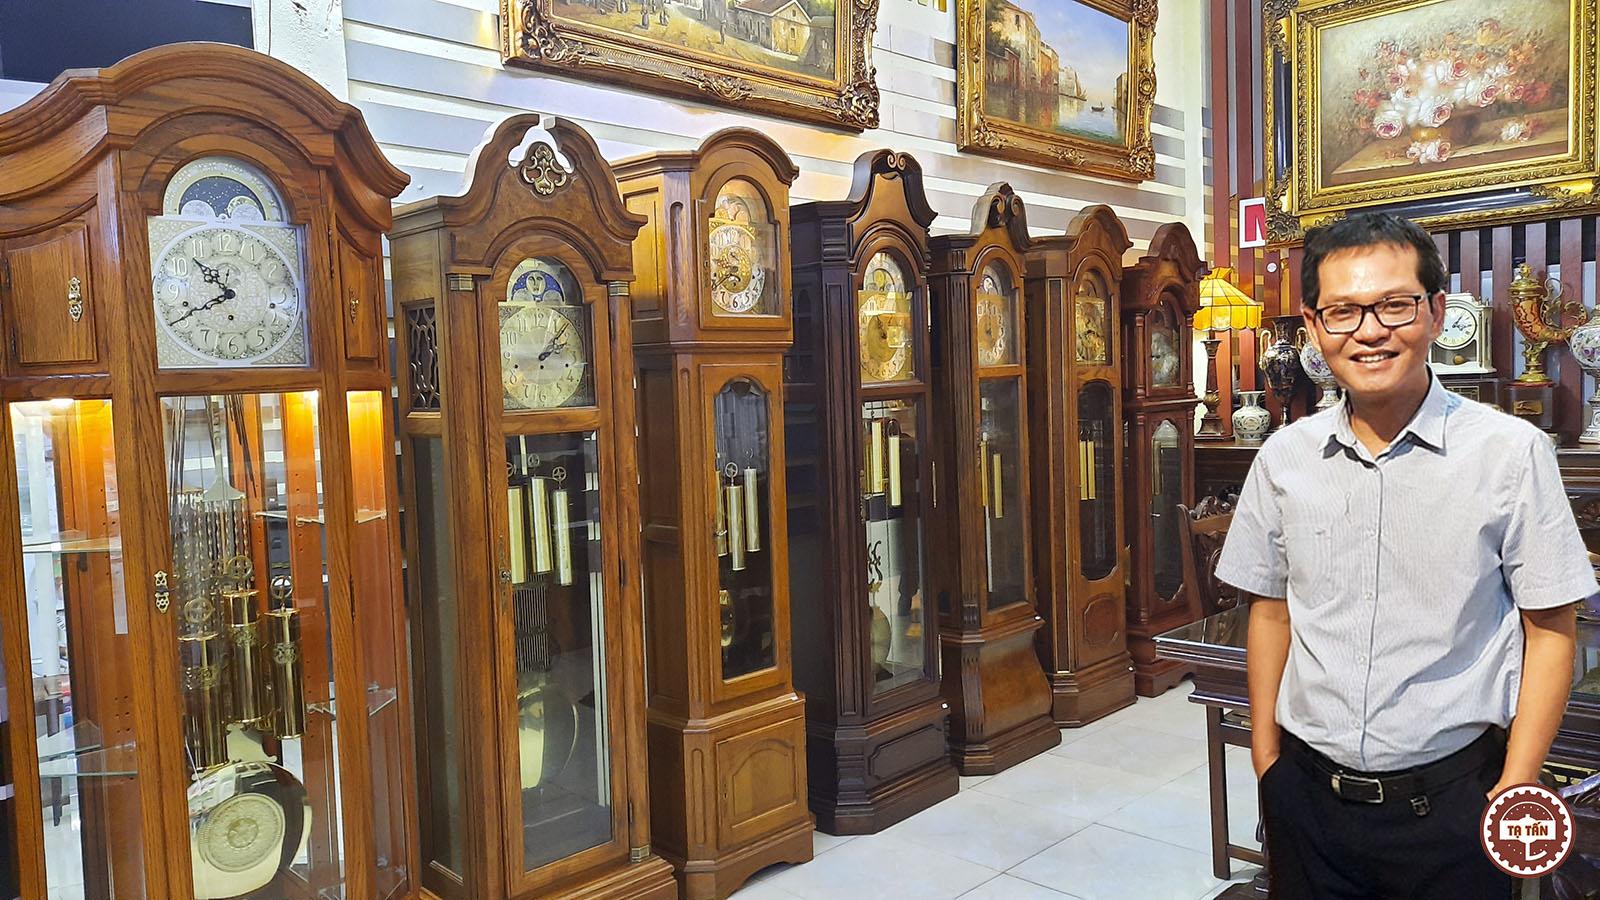 Đồng hồ Tủ tạ cổ châu Âu – Bộ sưu tầm tuyển chọn